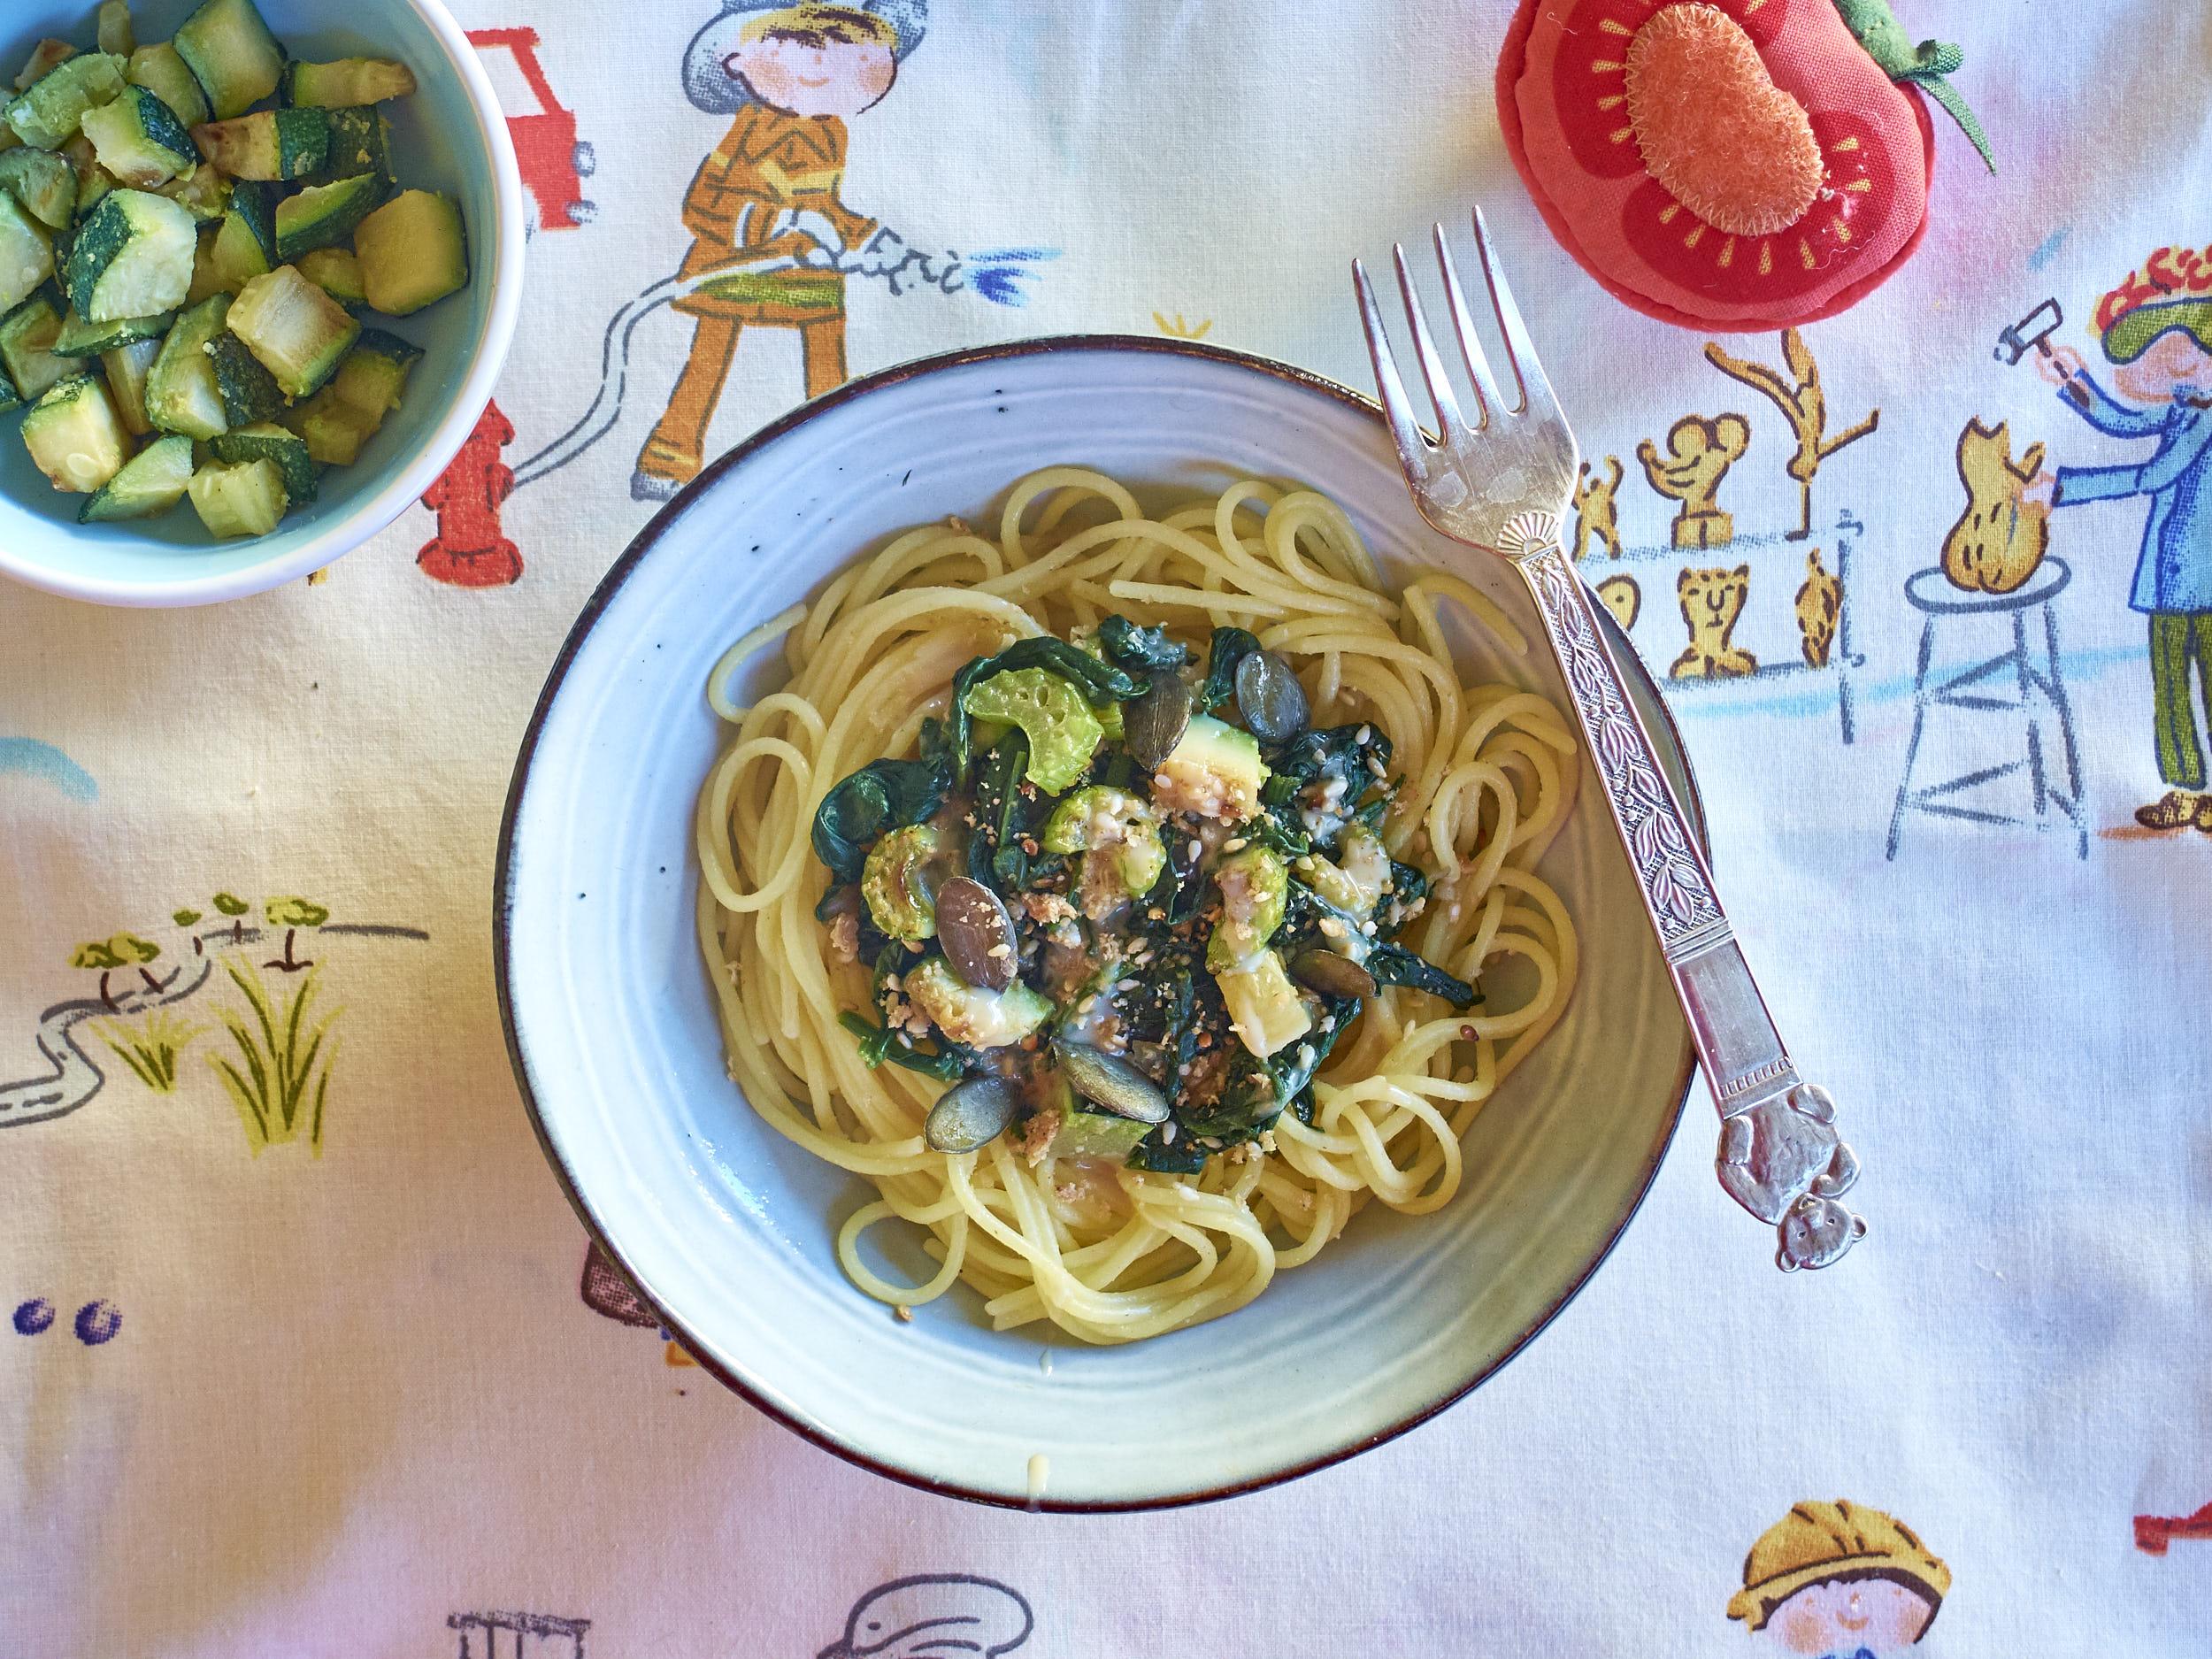 spenot_spagetti05_fin_2.jpg